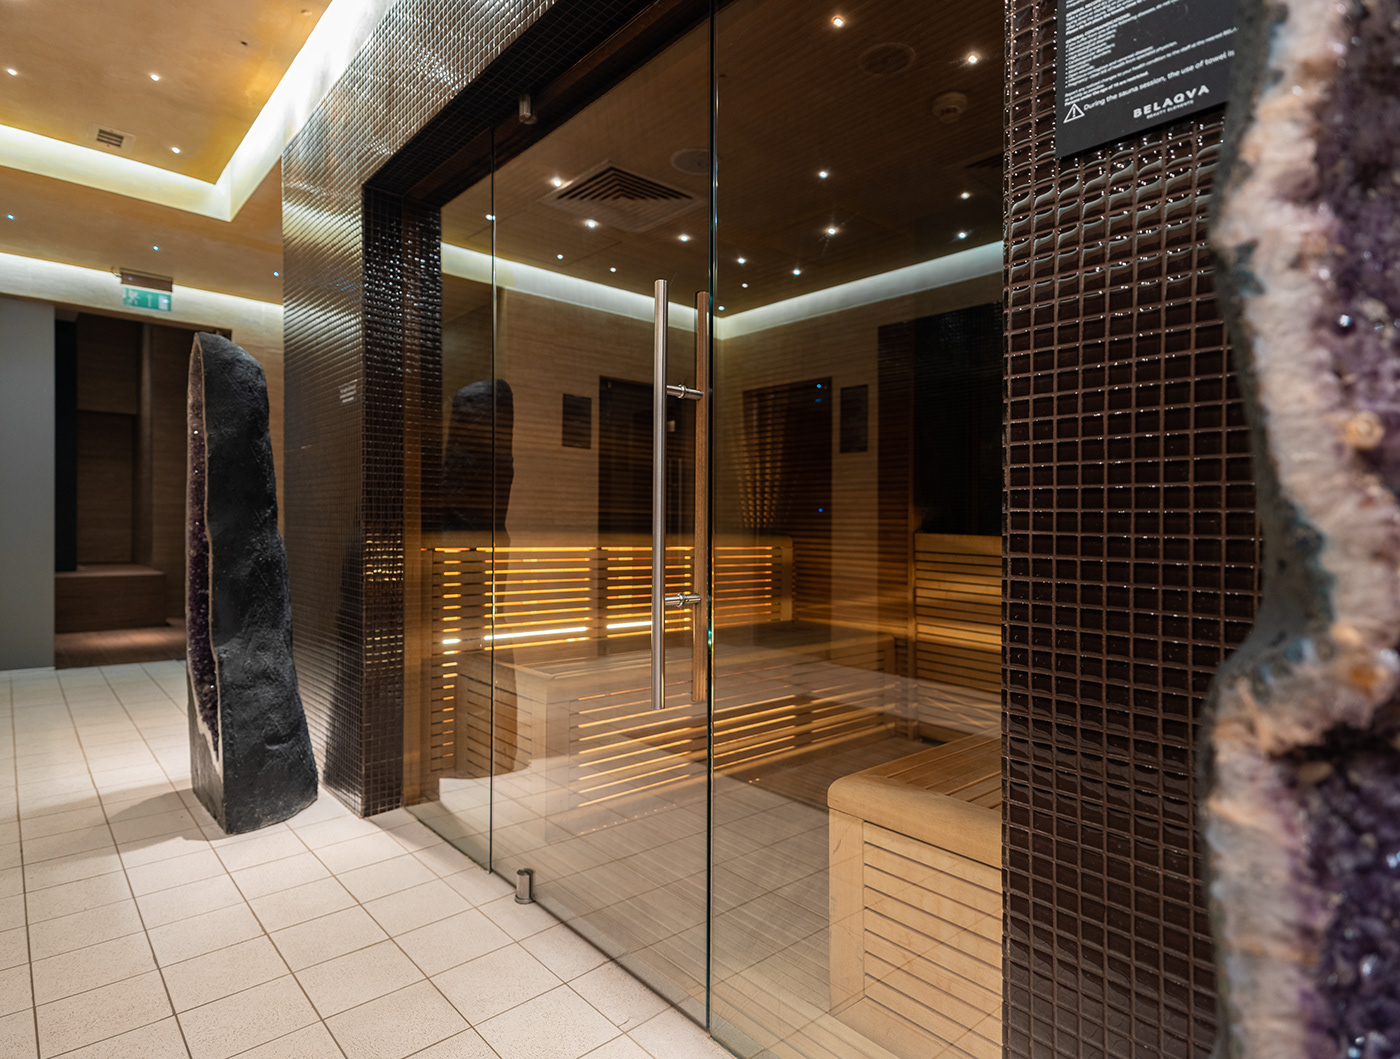 Image may contain: indoor, door and floor